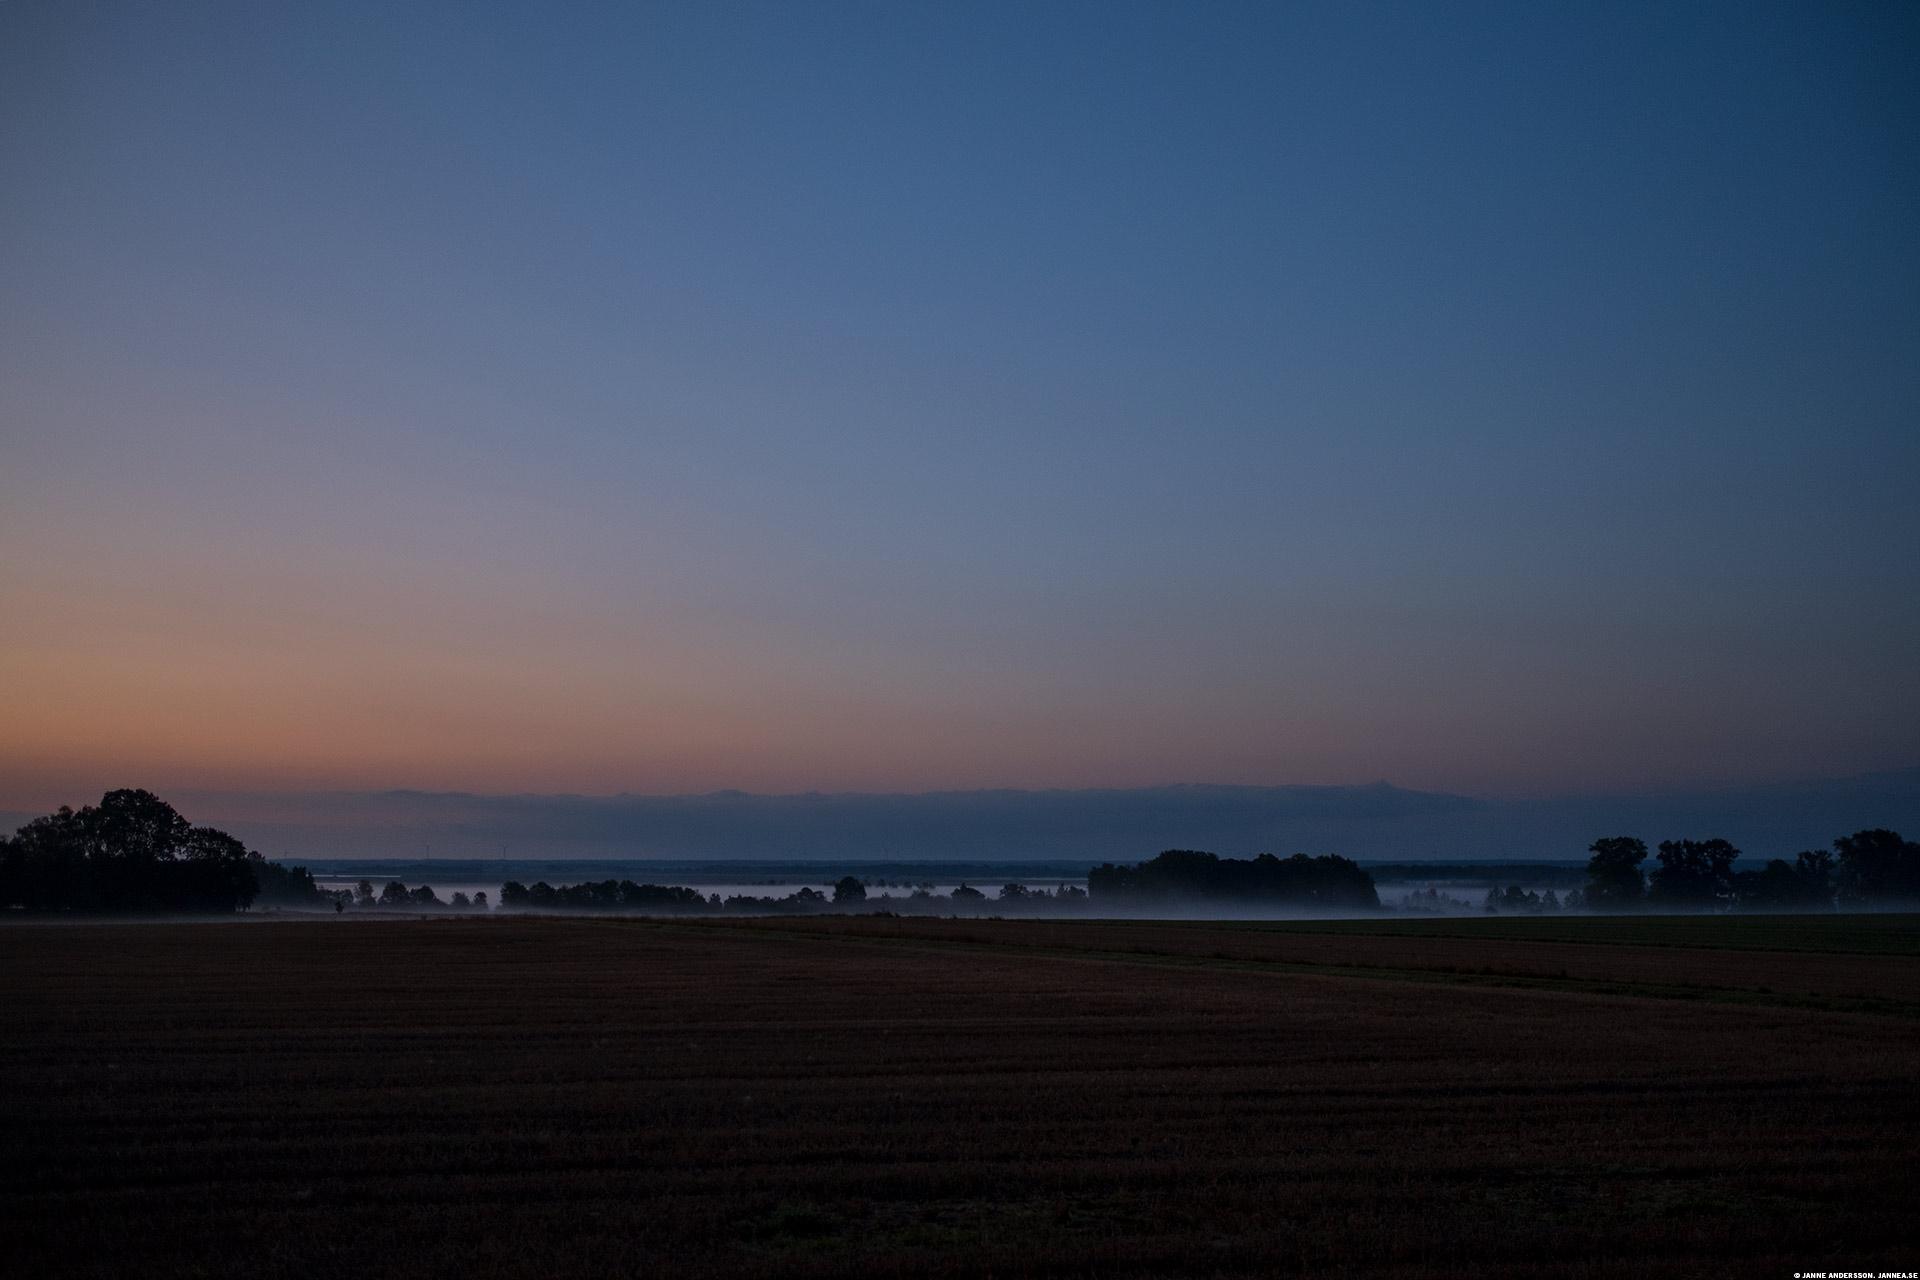 Dimma över Tåkern och slätten |©Janne A